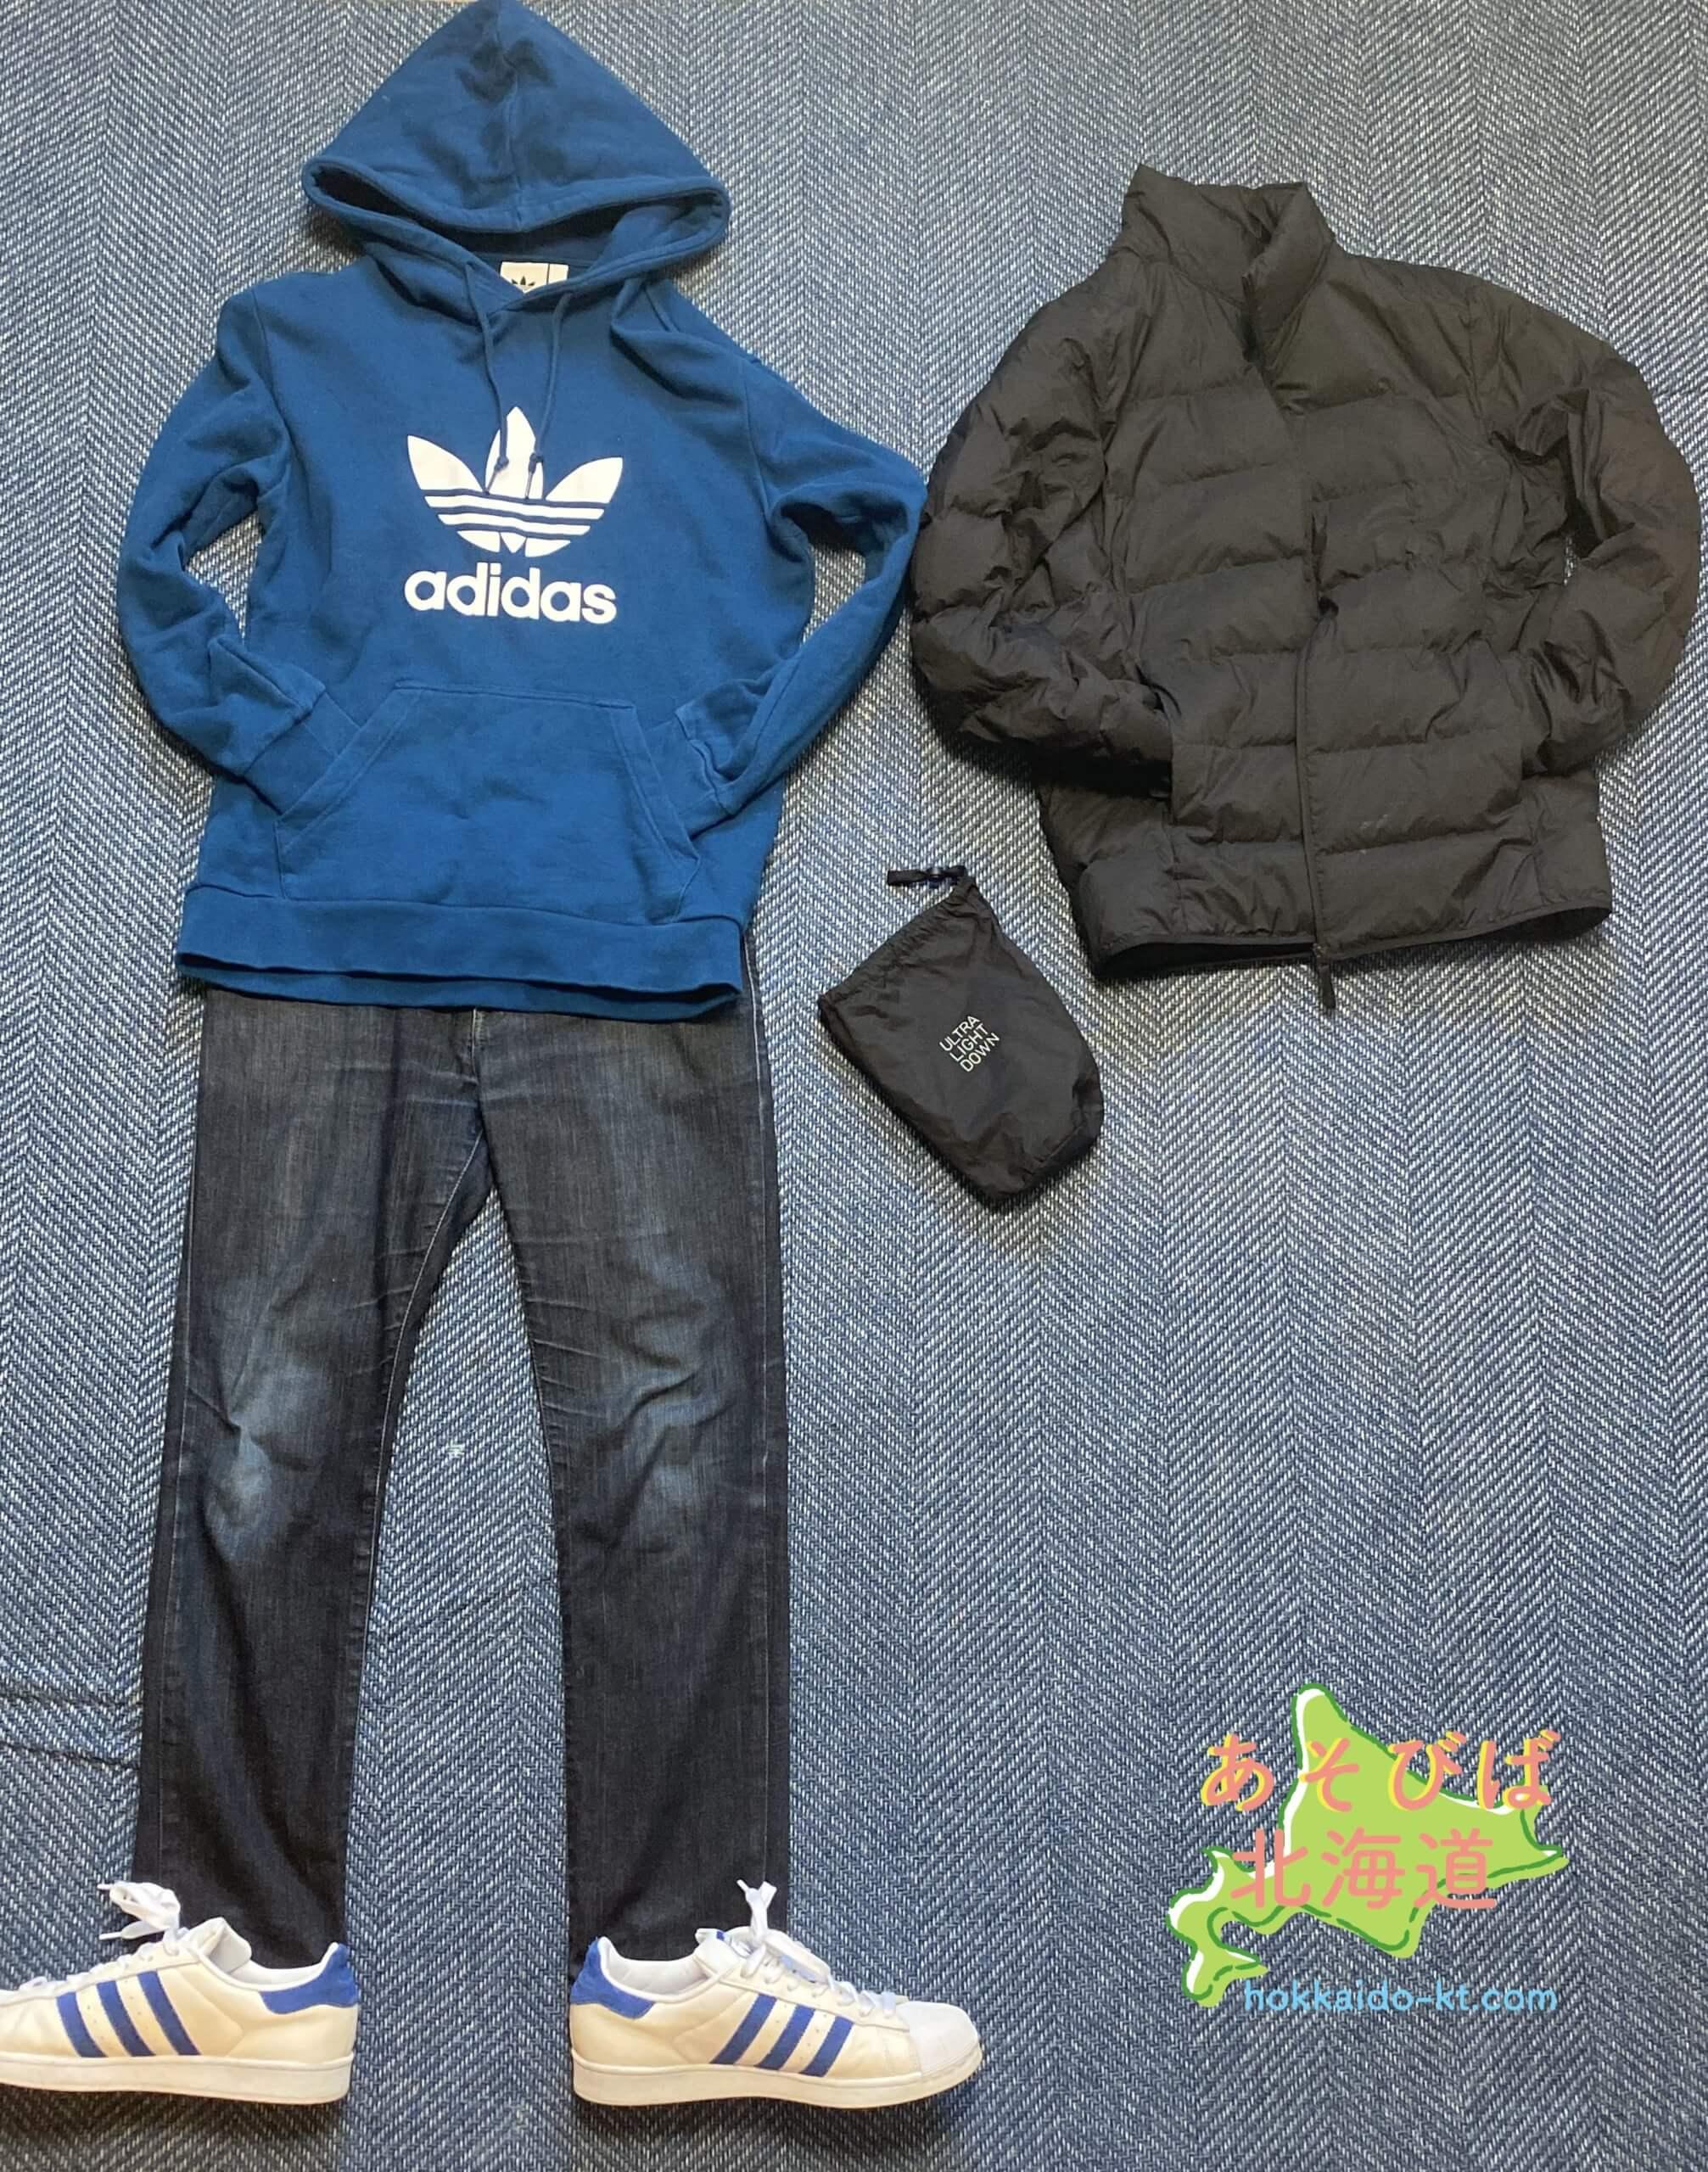 10月の北海道のおすすめの服装